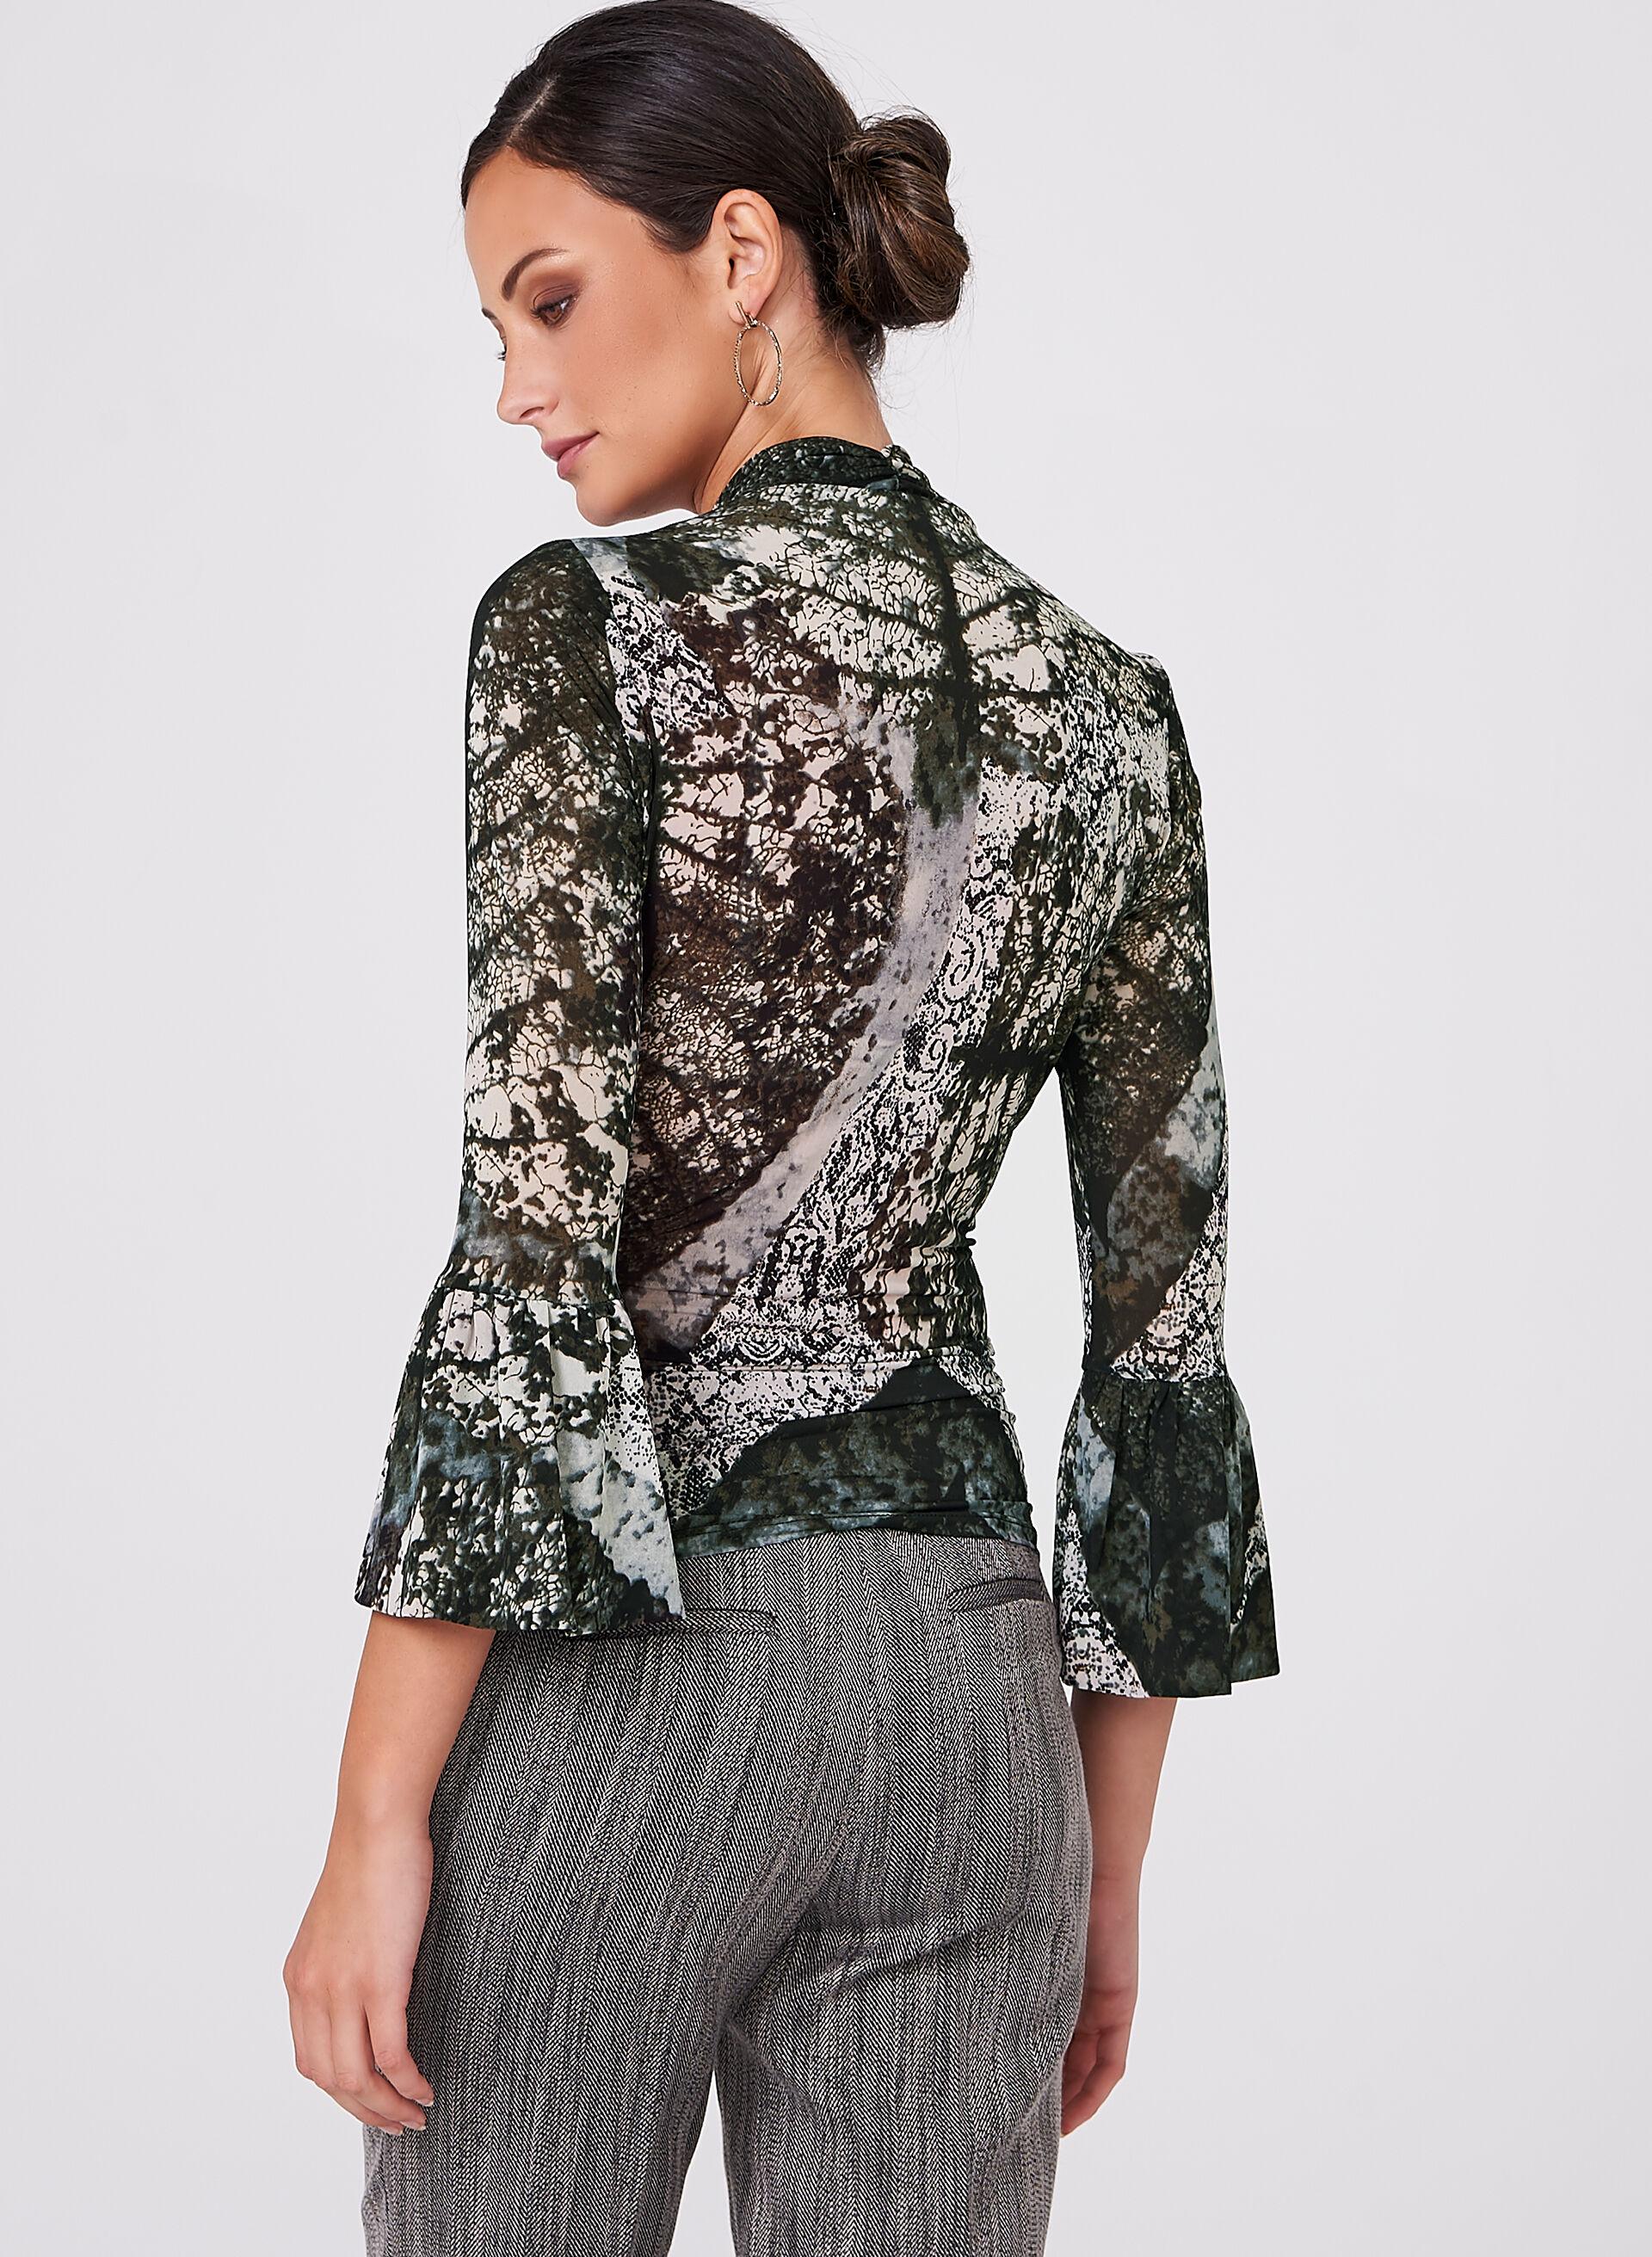 Graphic Print Faux Wrap Knit Top | Melanie Lyne